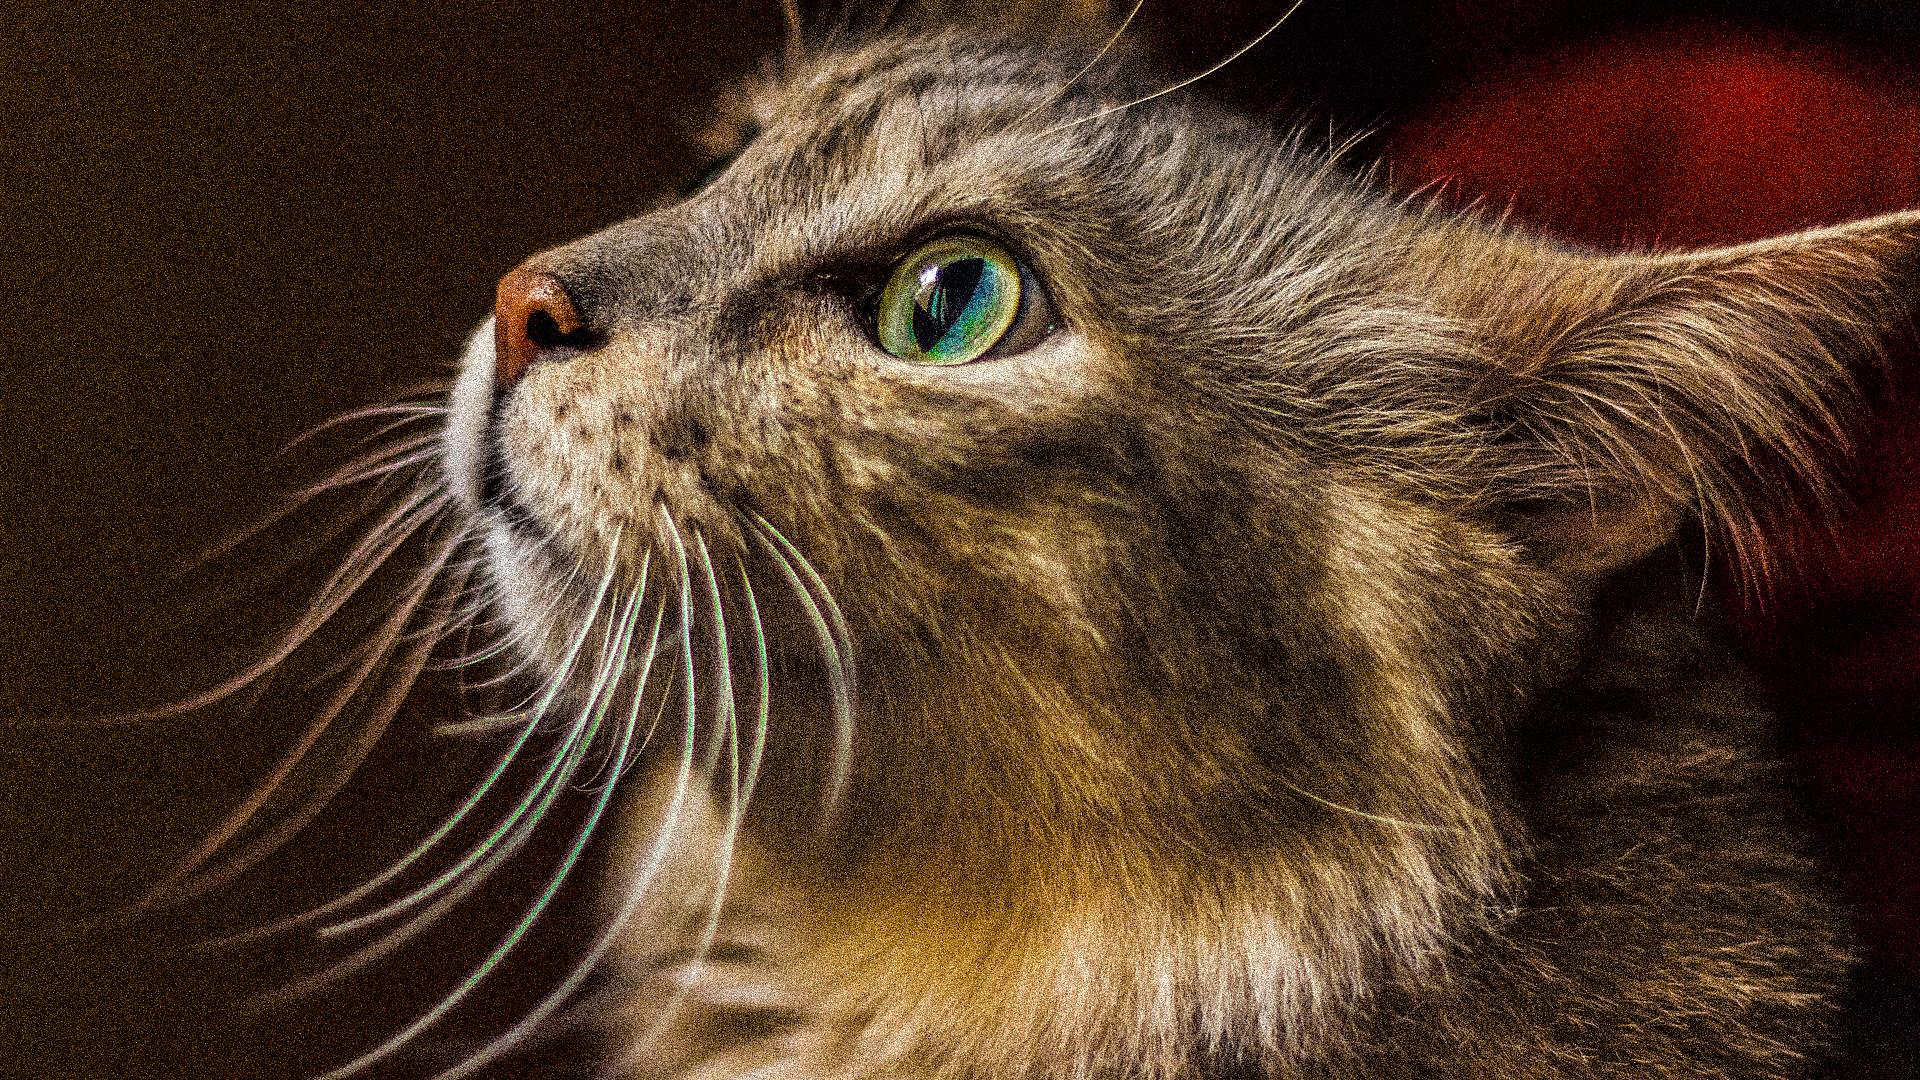 ¡Conoce un poco más a tu gato! Las curiosidades que los hacen especiales